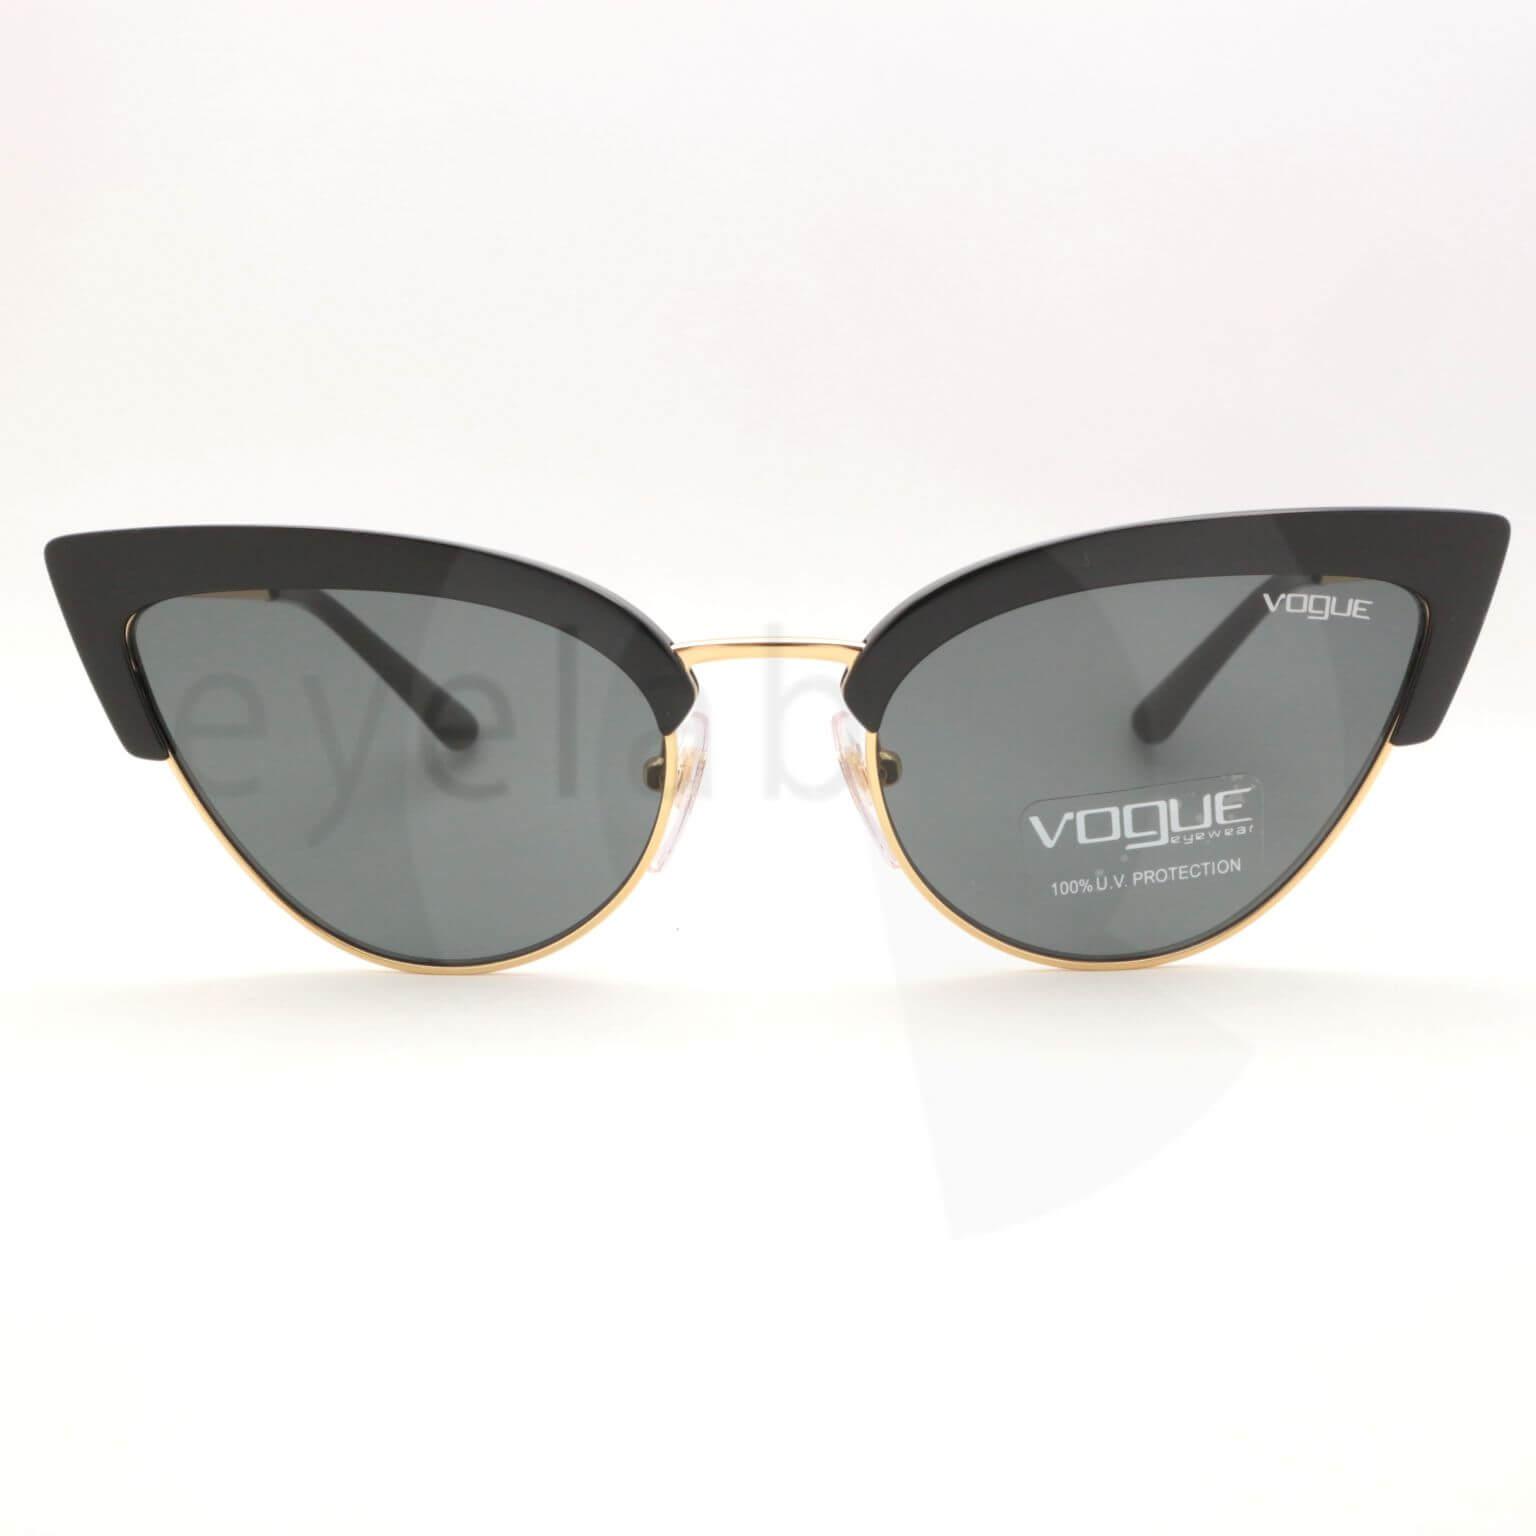 Γυαλιά ηλίου Vogue 5212 S W4487 ~ Eyelab 7d64e9bca09